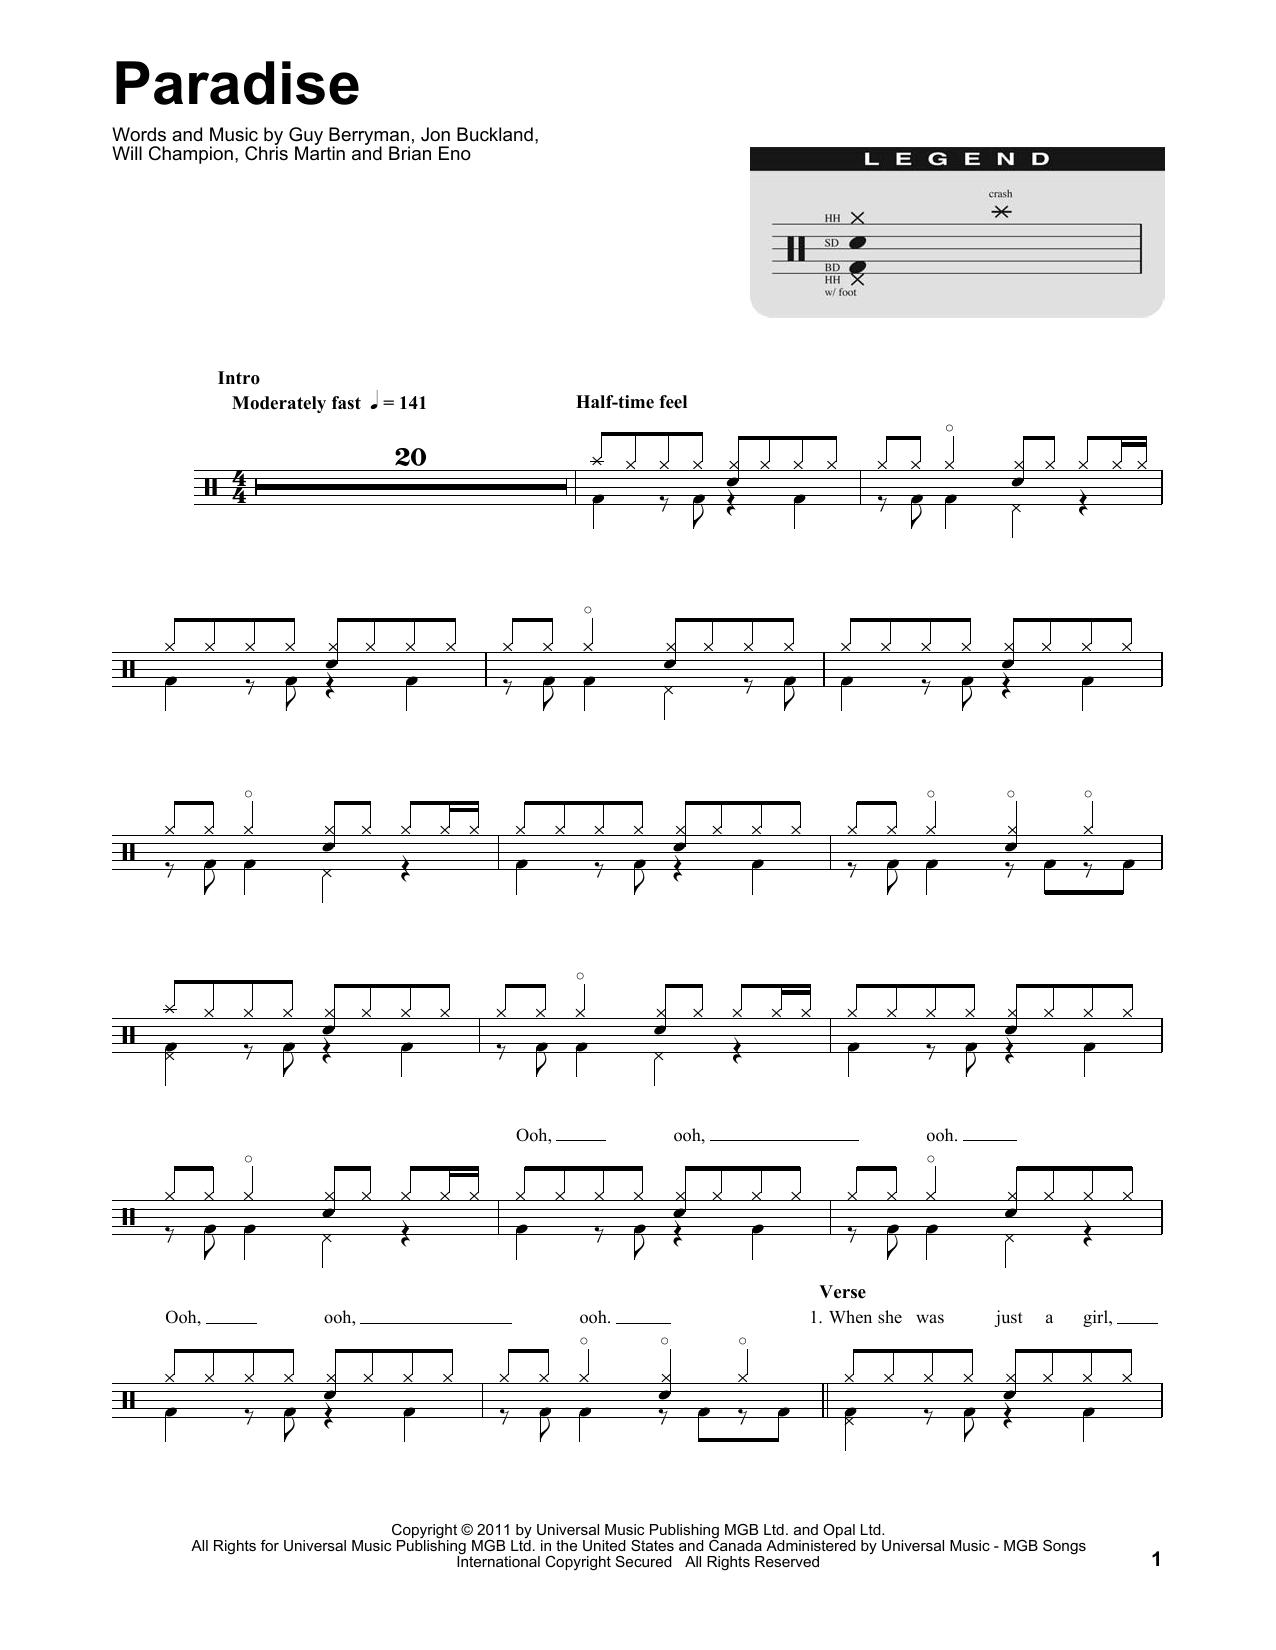 Paradise (Drums Transcription)